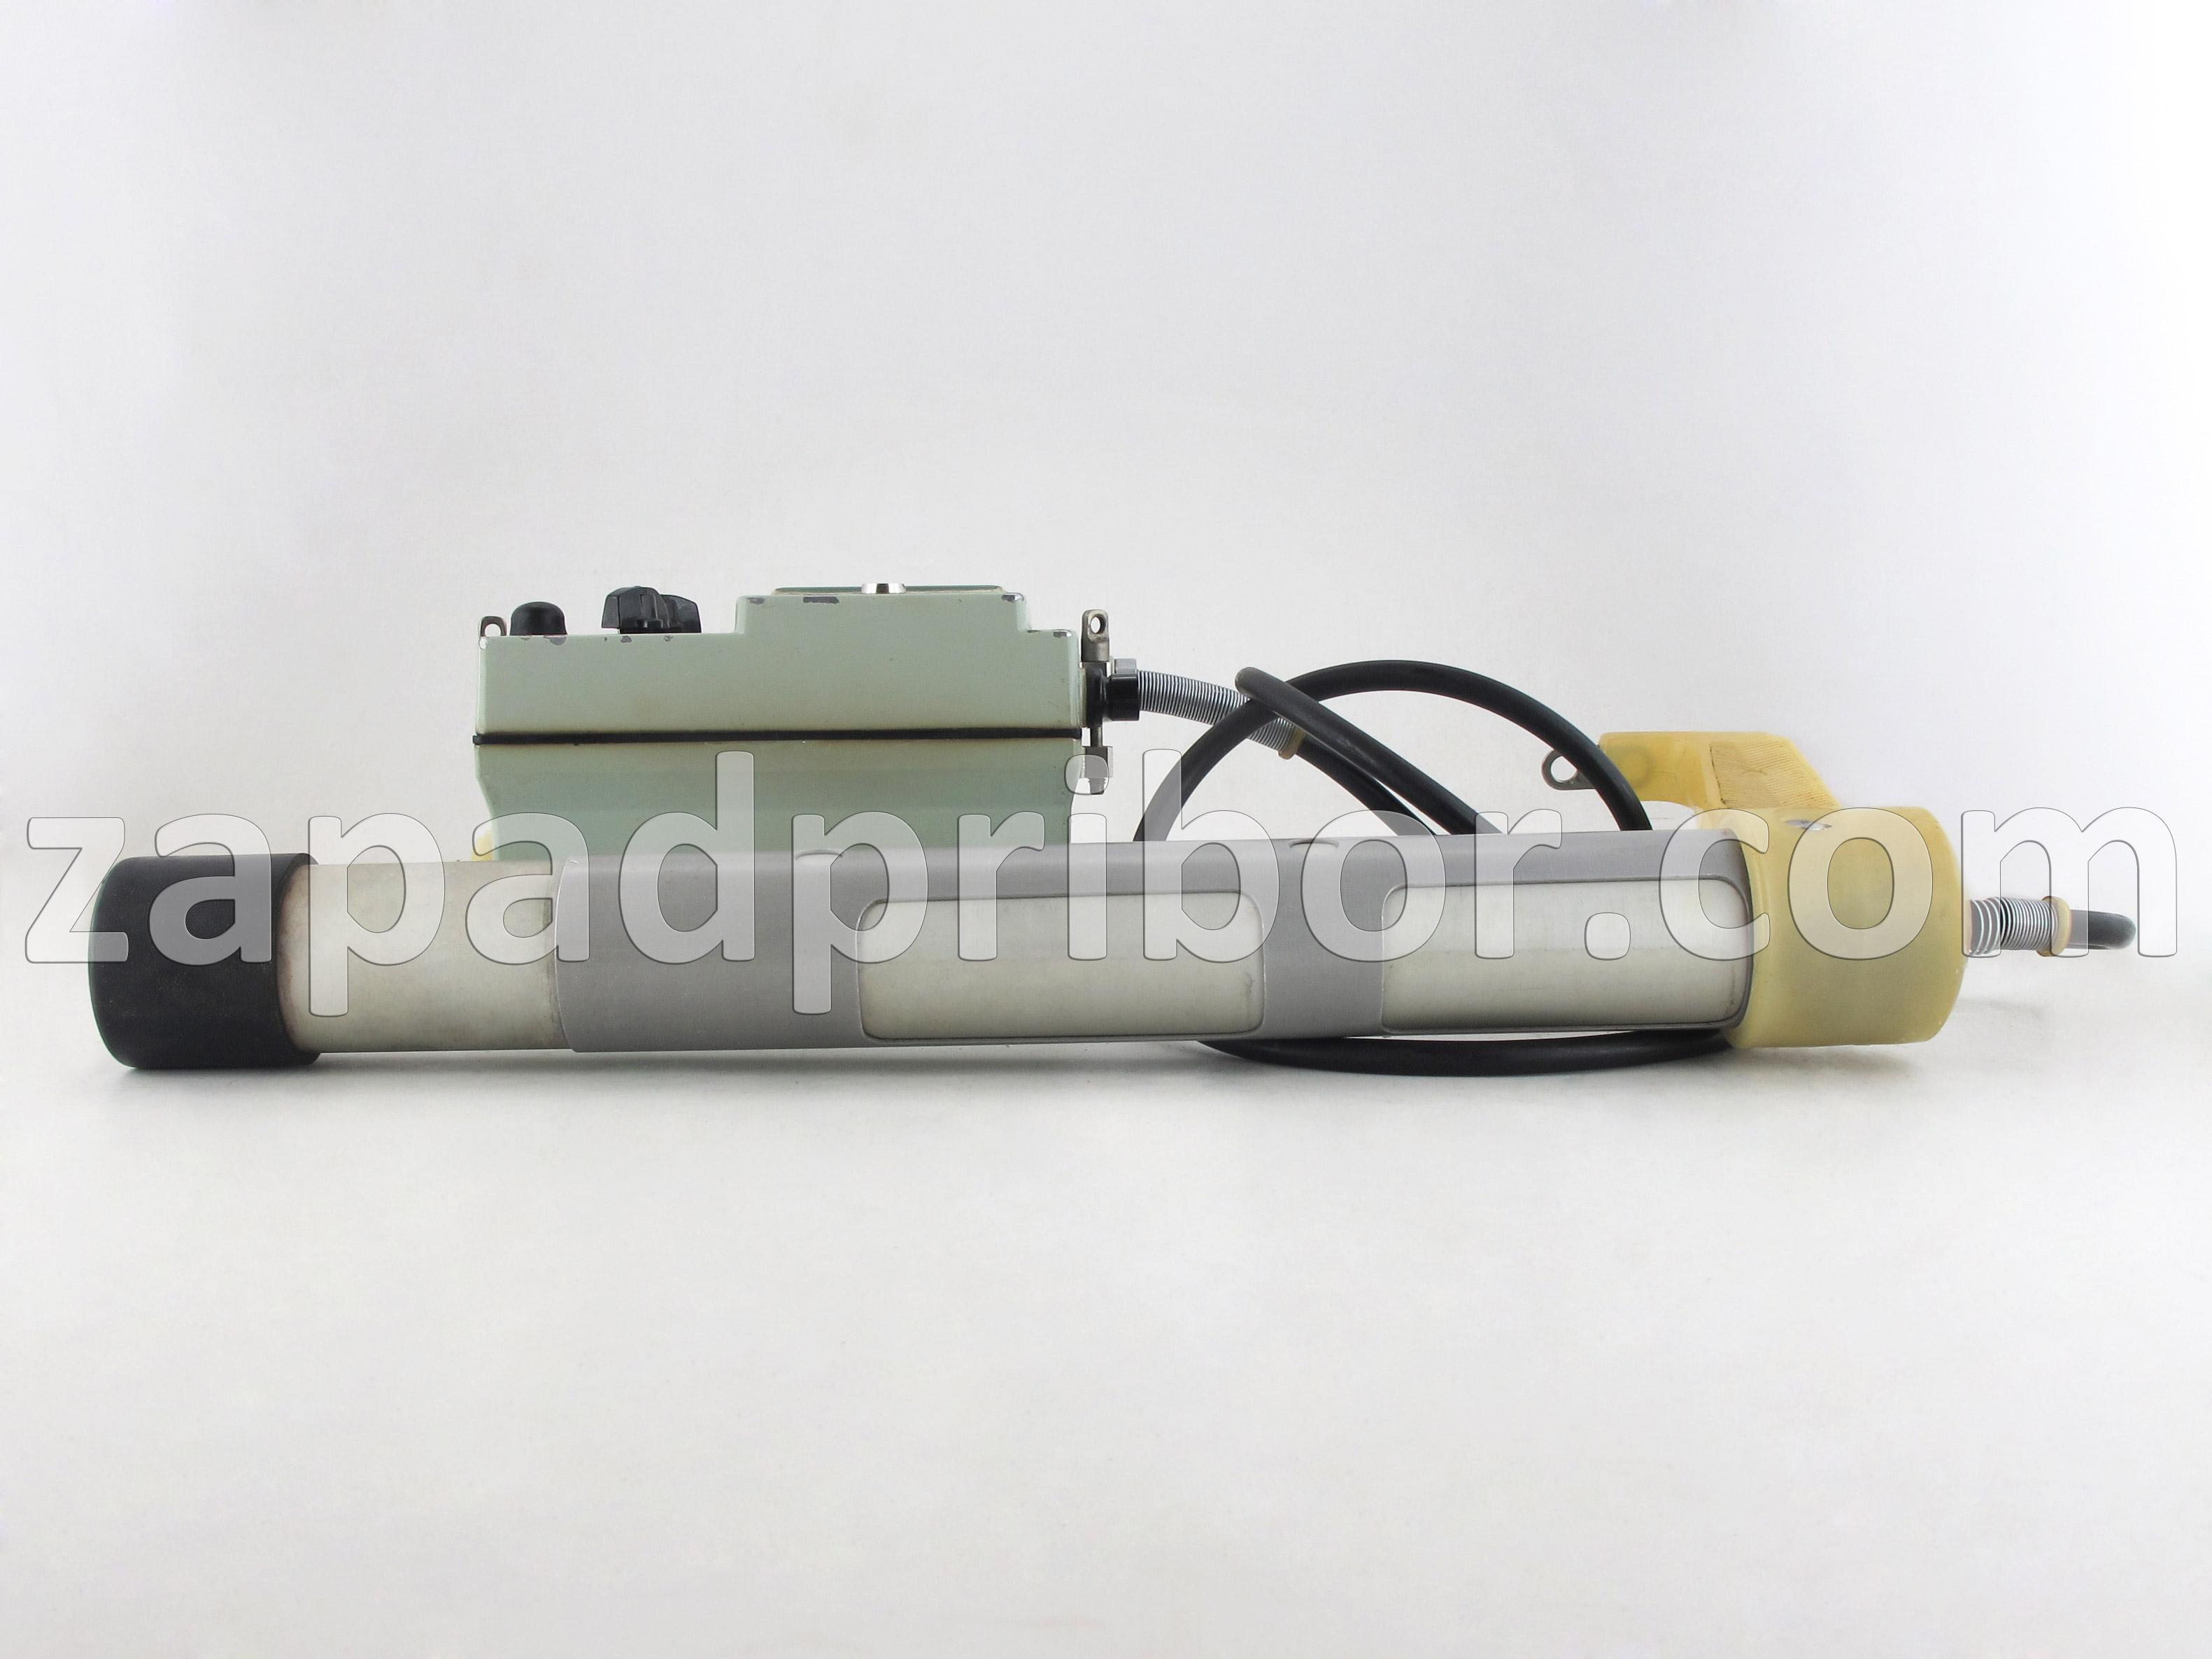 Срп-68-01 инструкция по эксплуатации